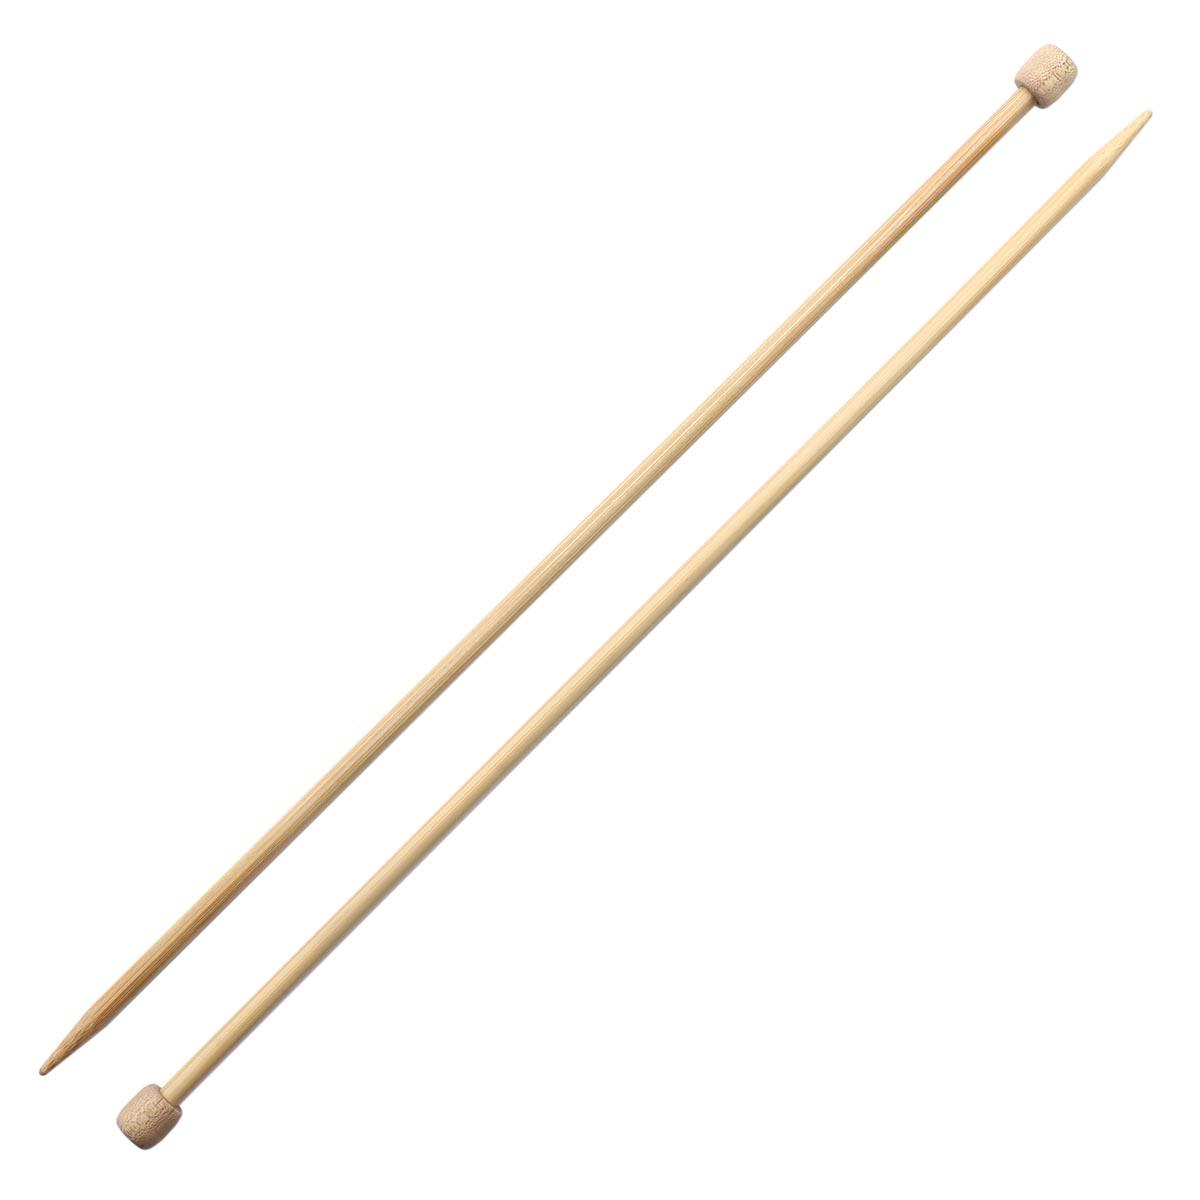 63532 Спицы вязальные прямые 5,50мм*33см, бамбук, 2шт PONY